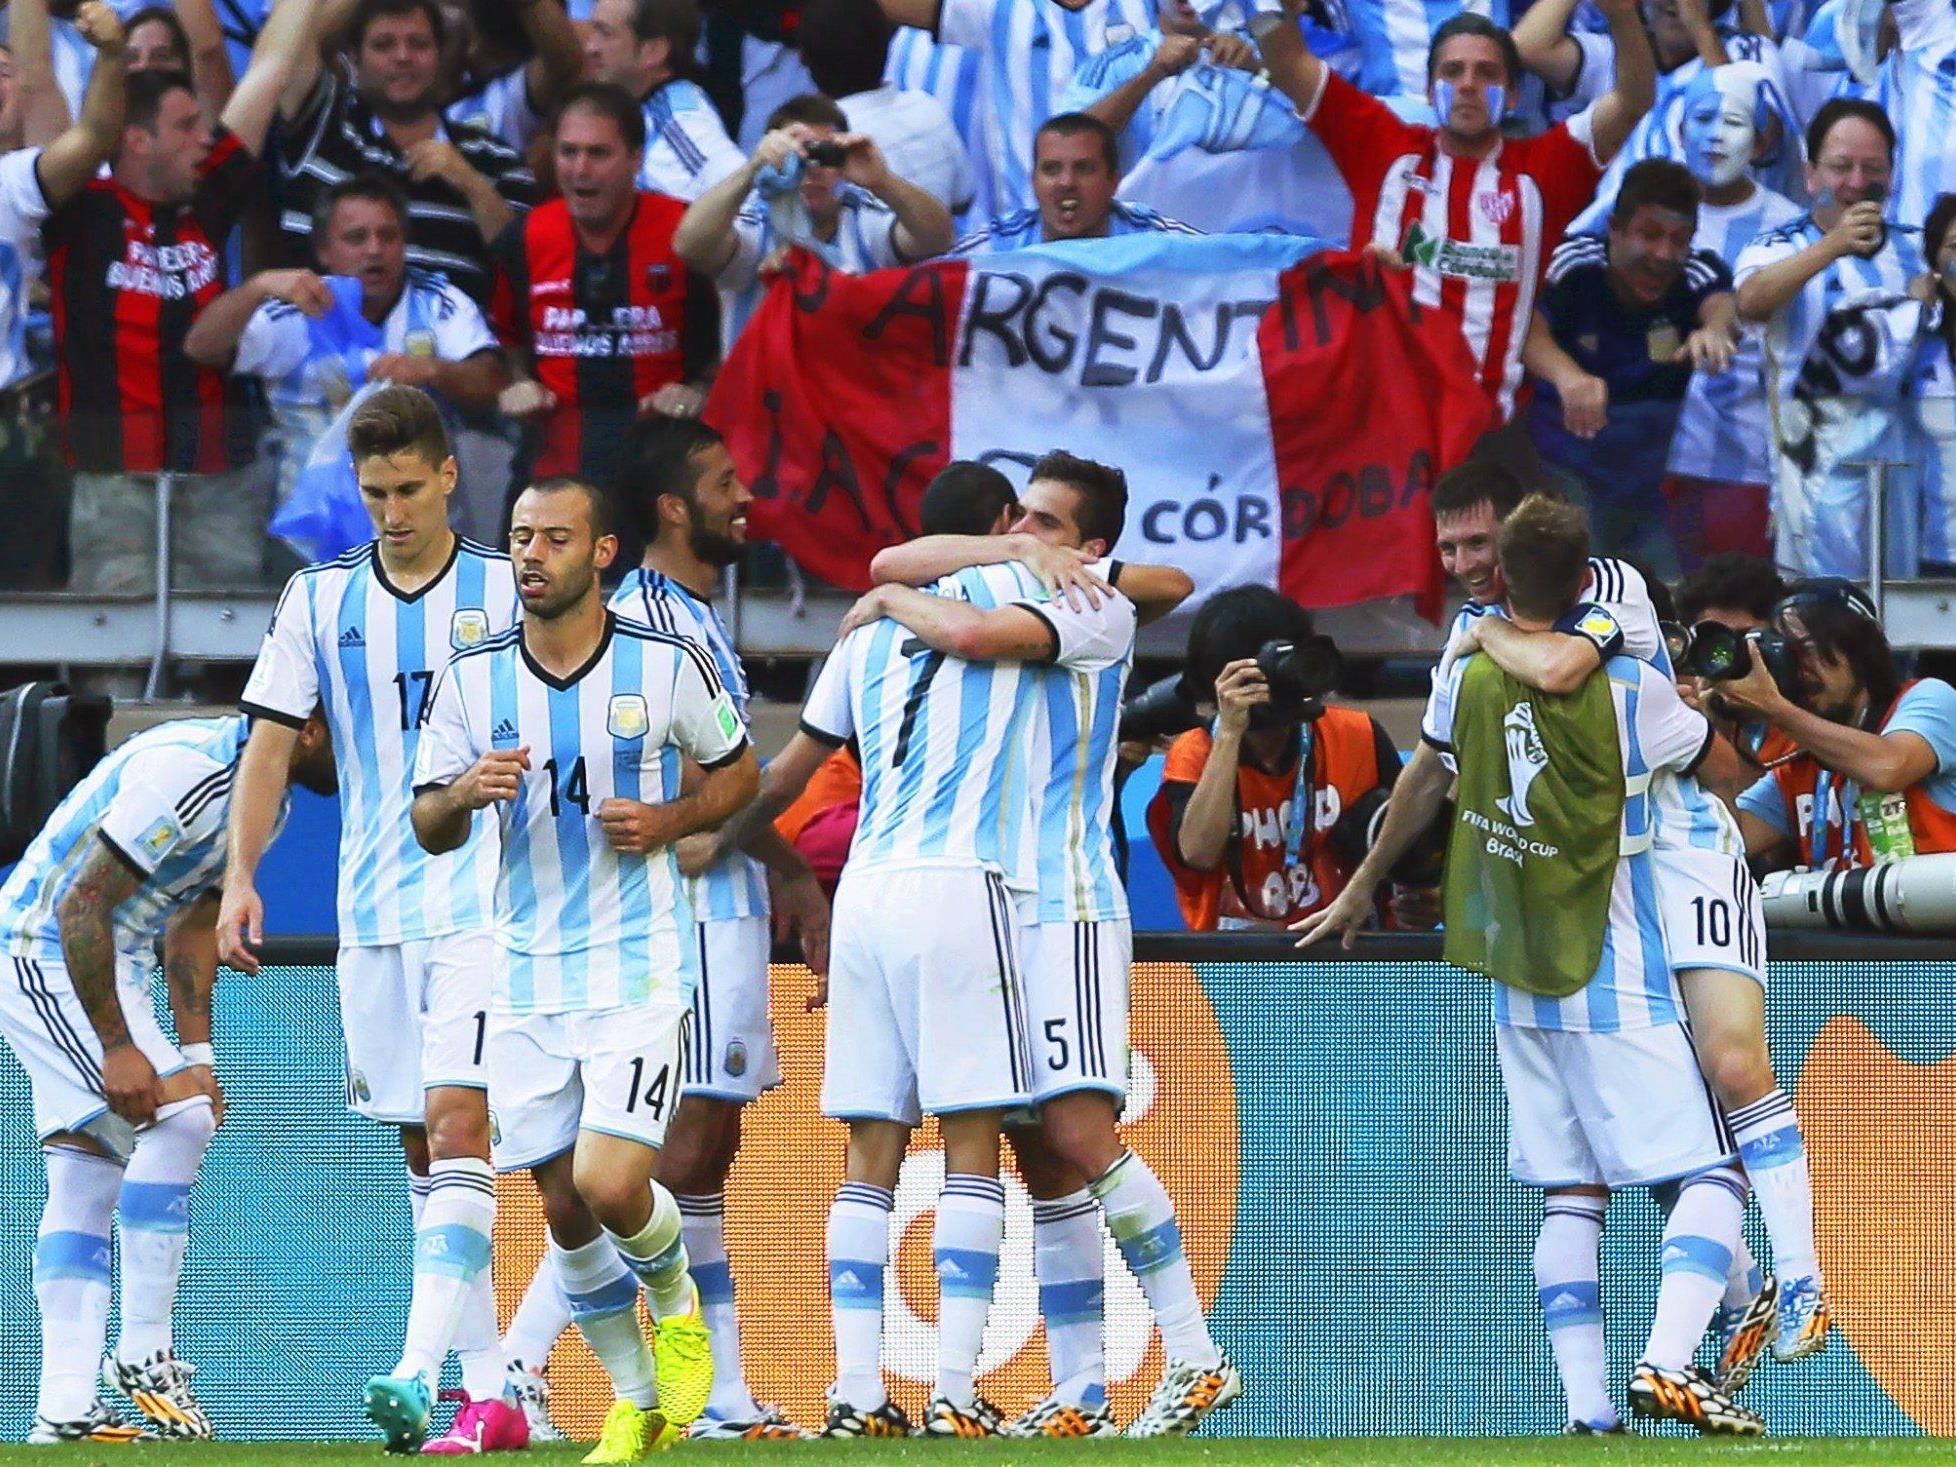 Nur dank eine geniestreichs von Lionel Messi gewintn Agrentinien sein zweites Gruppenspiel bei der WM gegen den Iran.